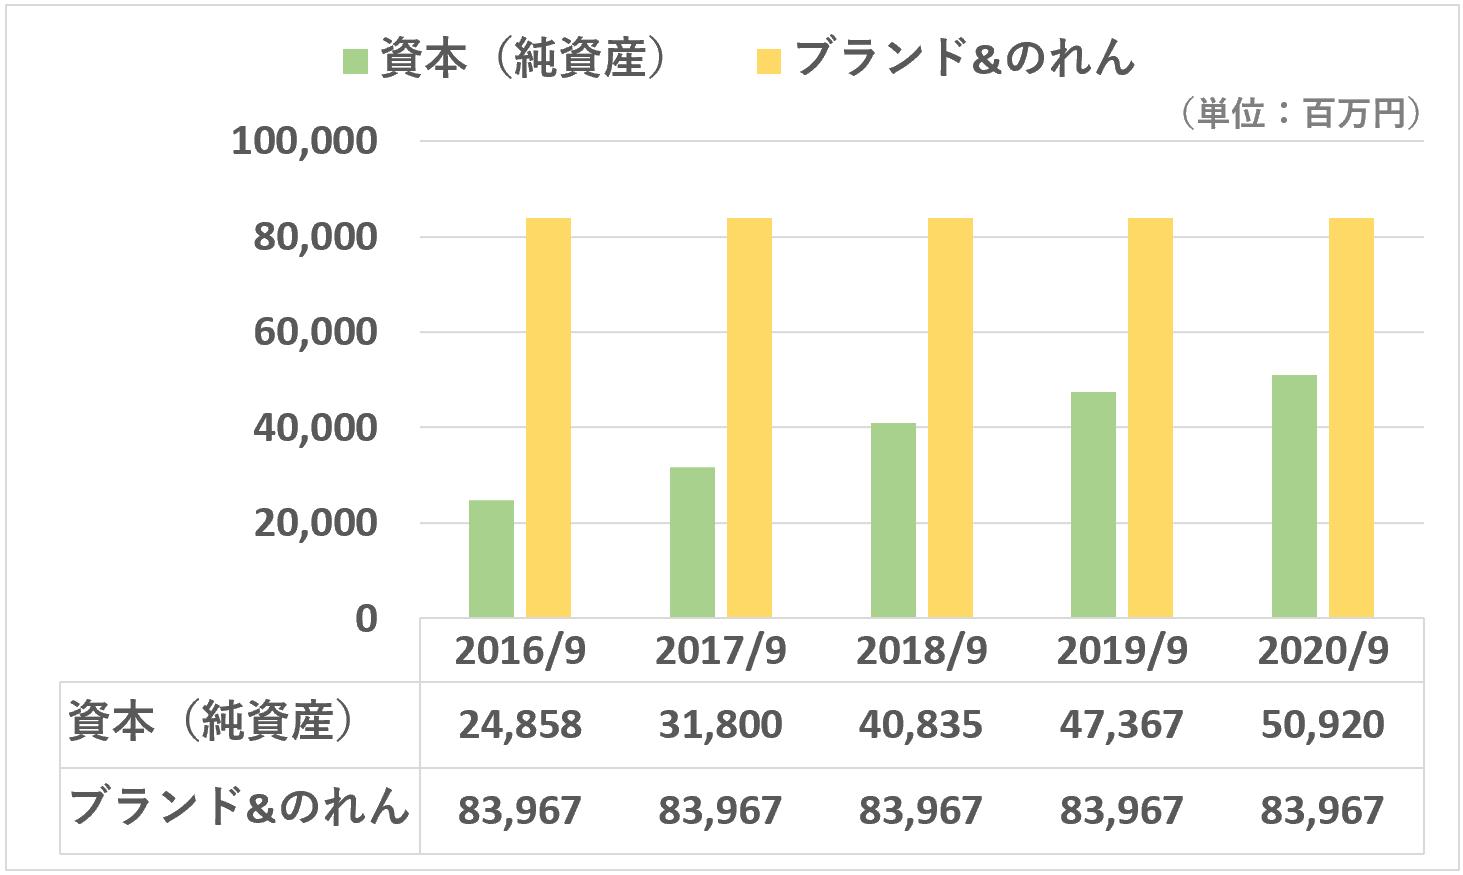 スシロー:ブランド&のれんと資本(純資産)合計